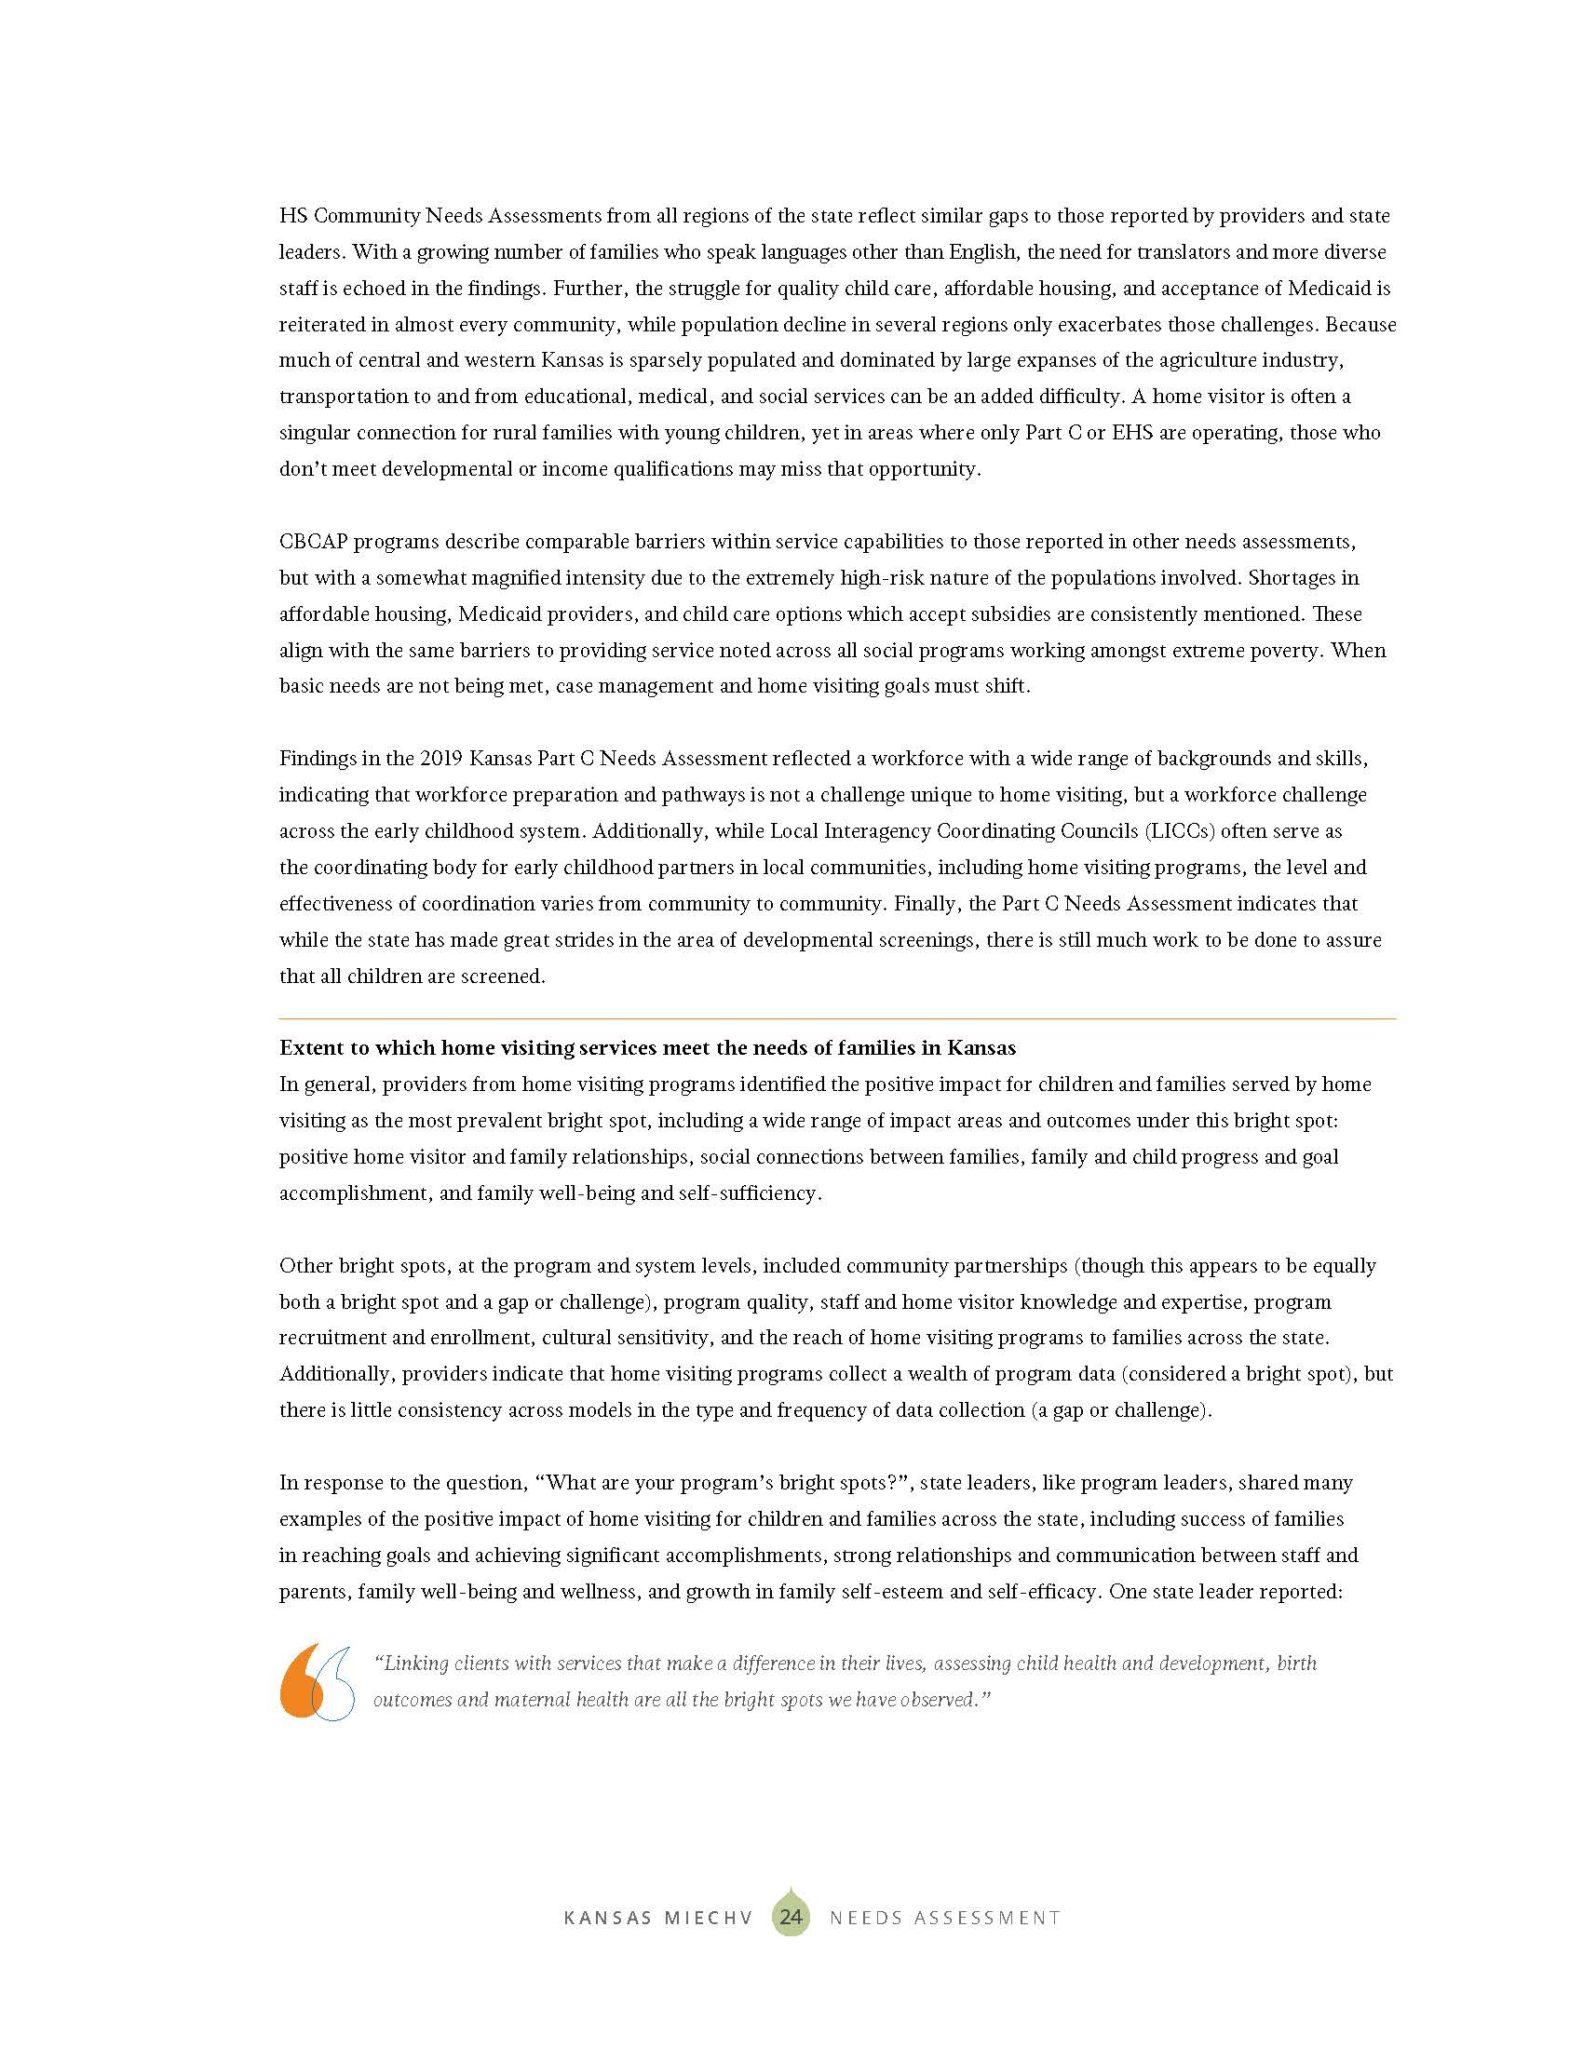 KS MIECHV 2020 Needs Assessment_DIGITAL_Page_032